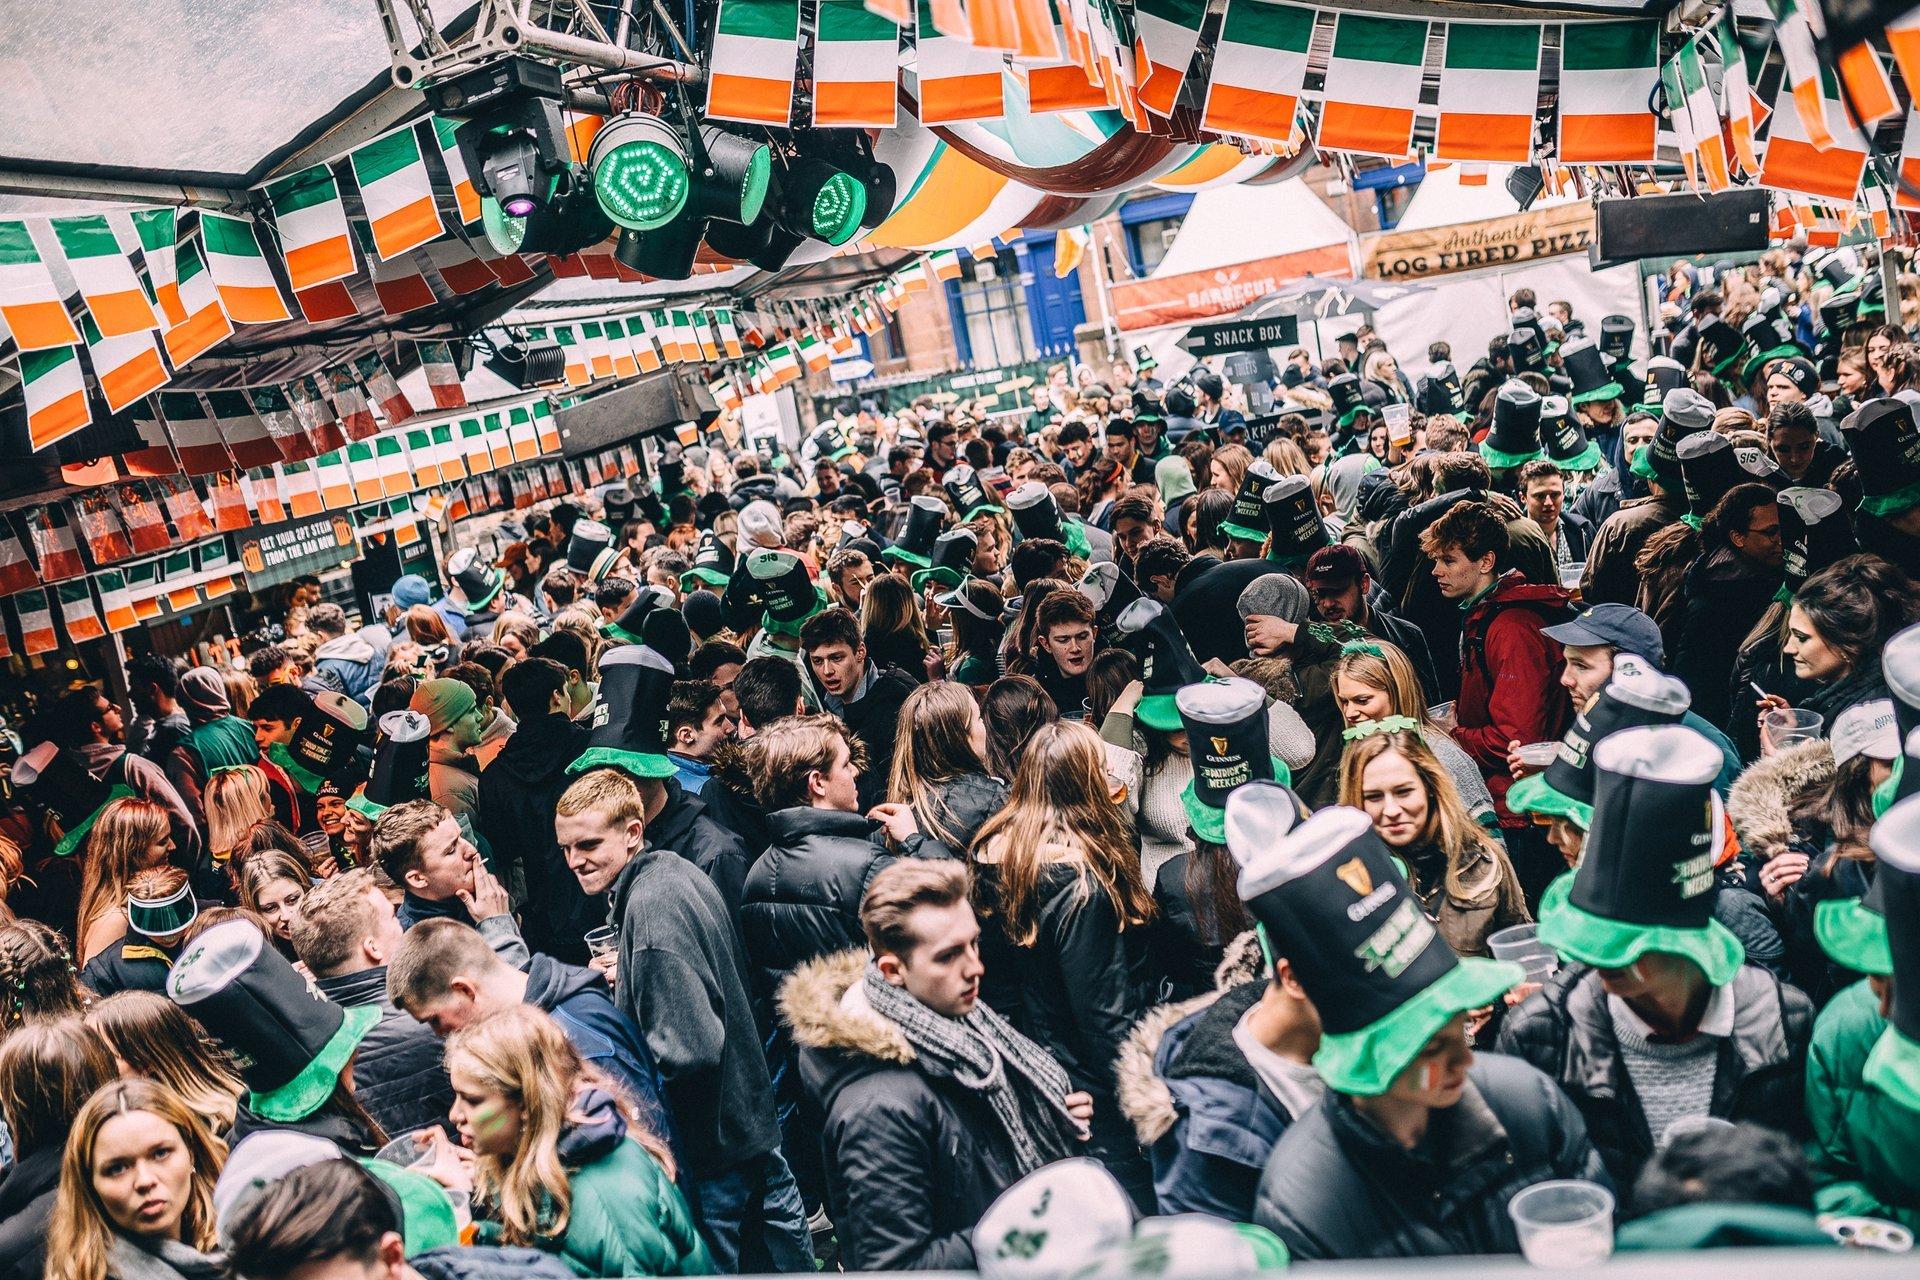 Cowgate St. Patrick's Festival in Edinburgh 2020 - Best Time